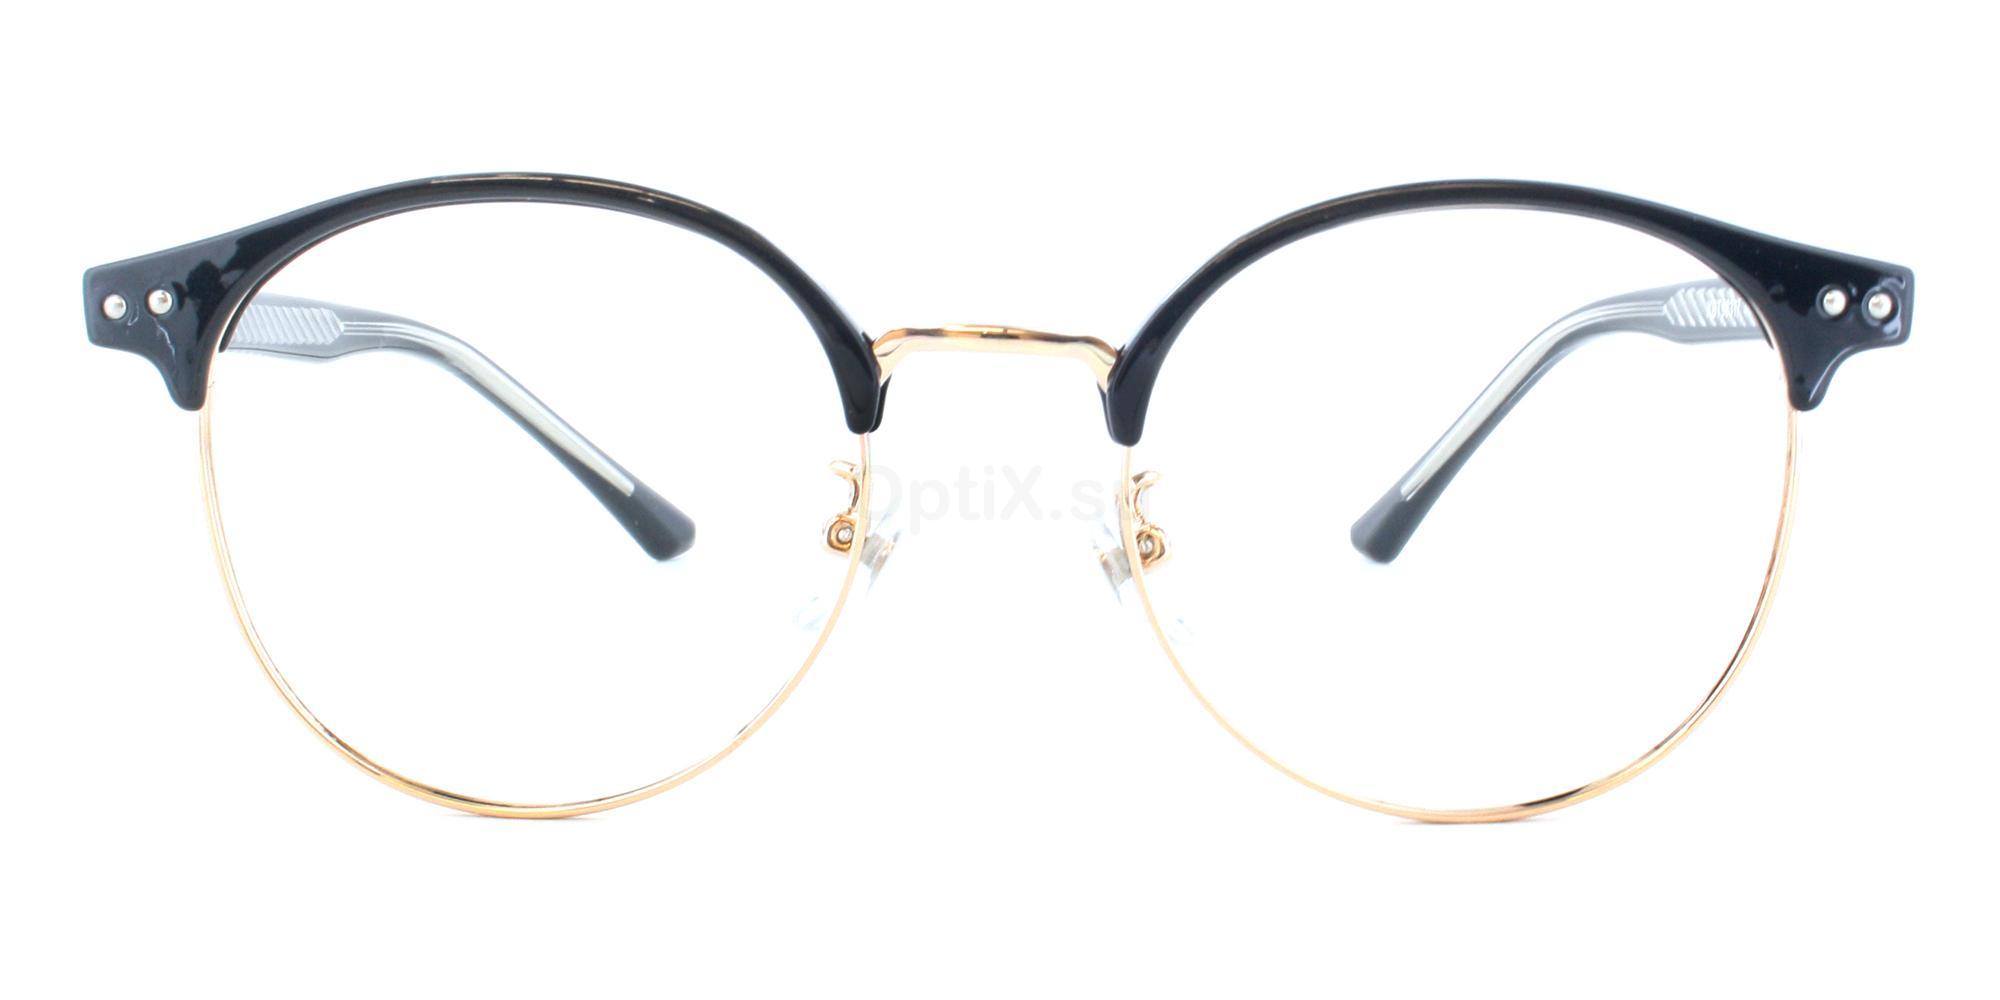 C1 KBT98317 Glasses, Infinity